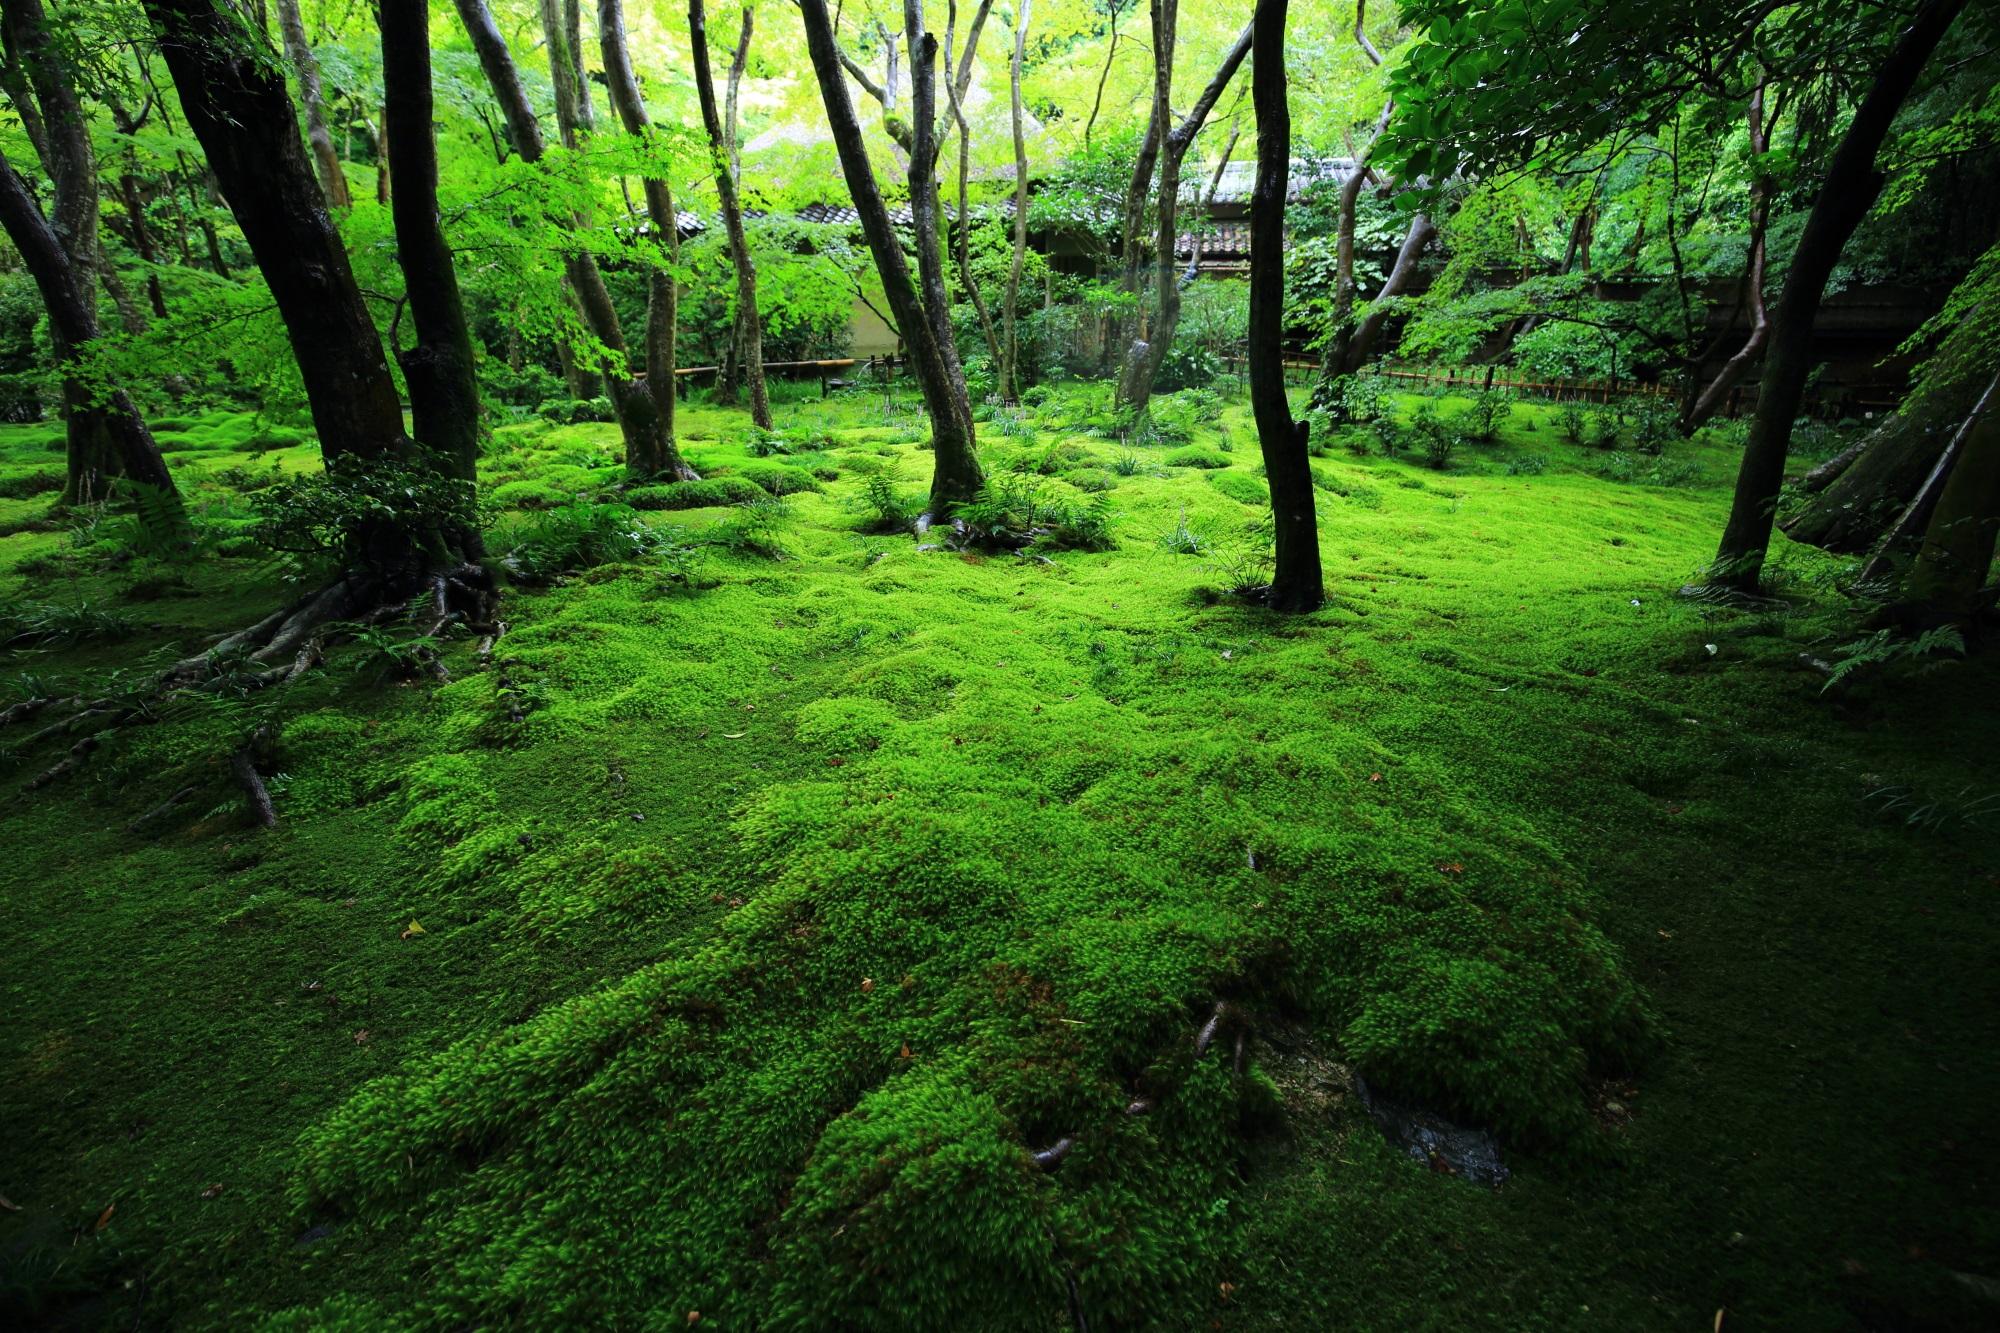 深い緑につつまれた空間に静かに佇む草庵